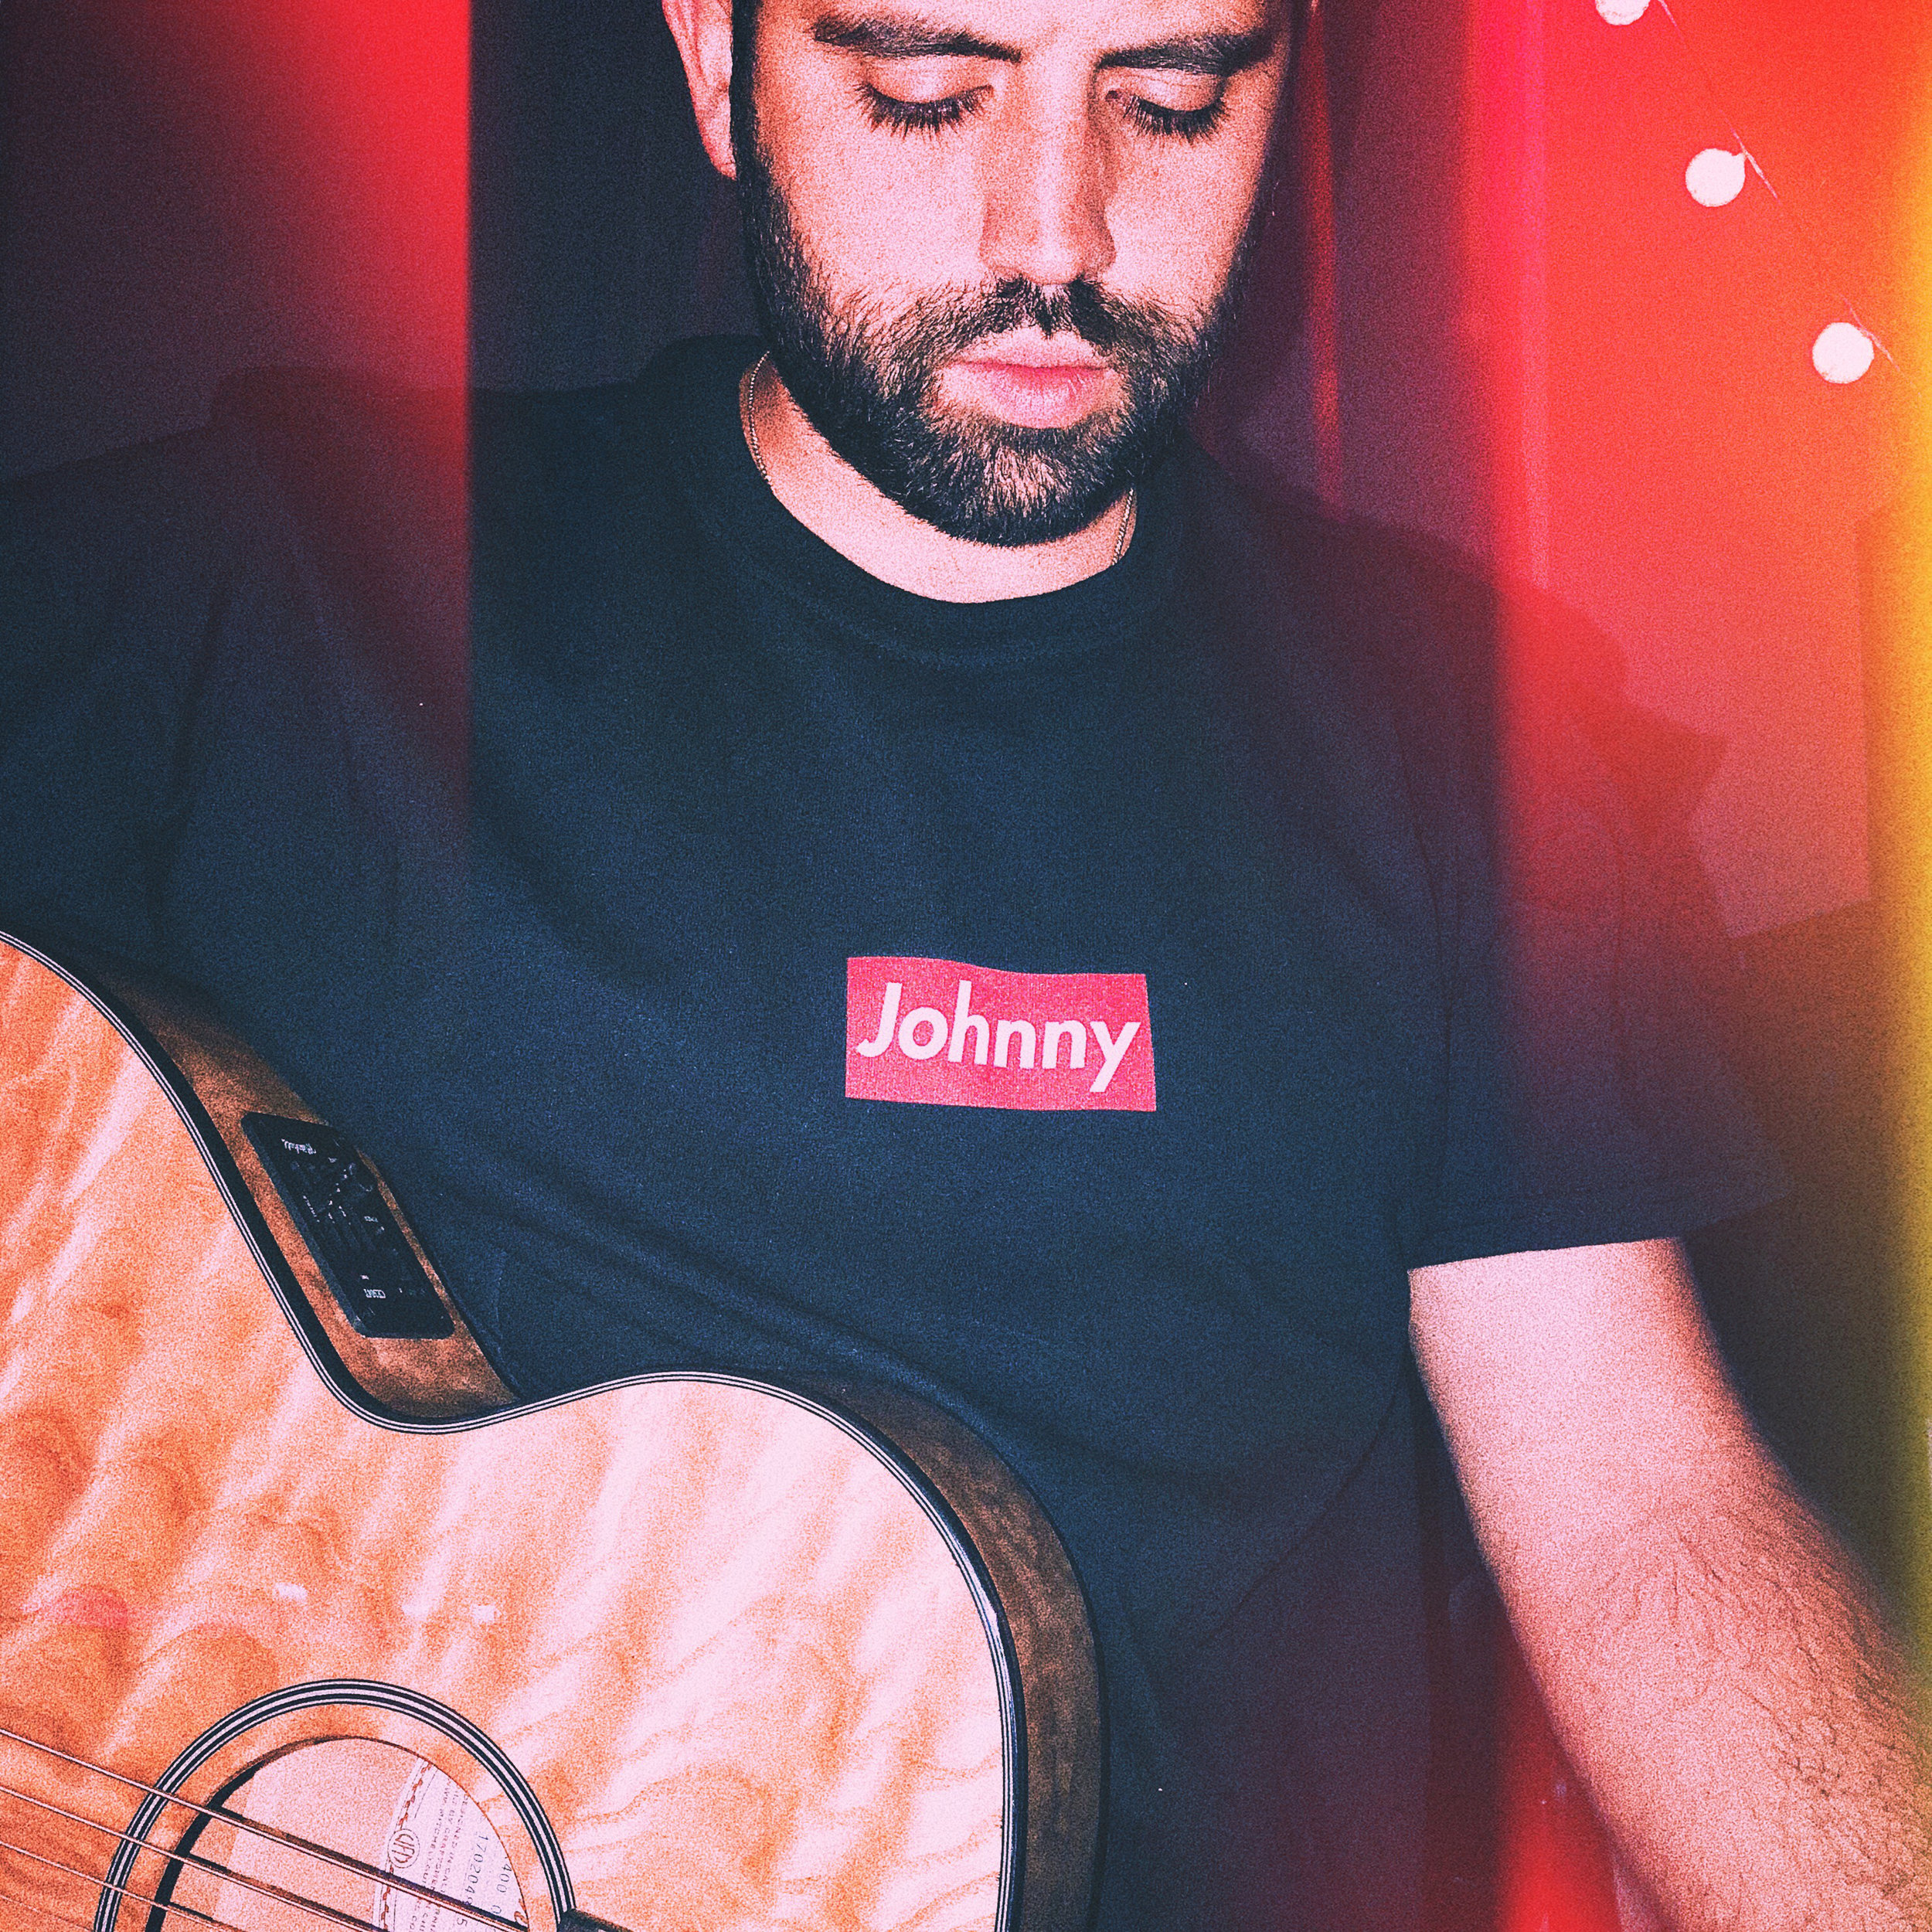 LISTEN-TO-JOHNNY-SUPREME-ART-JOHN-WHORISKEY-JR.jpg